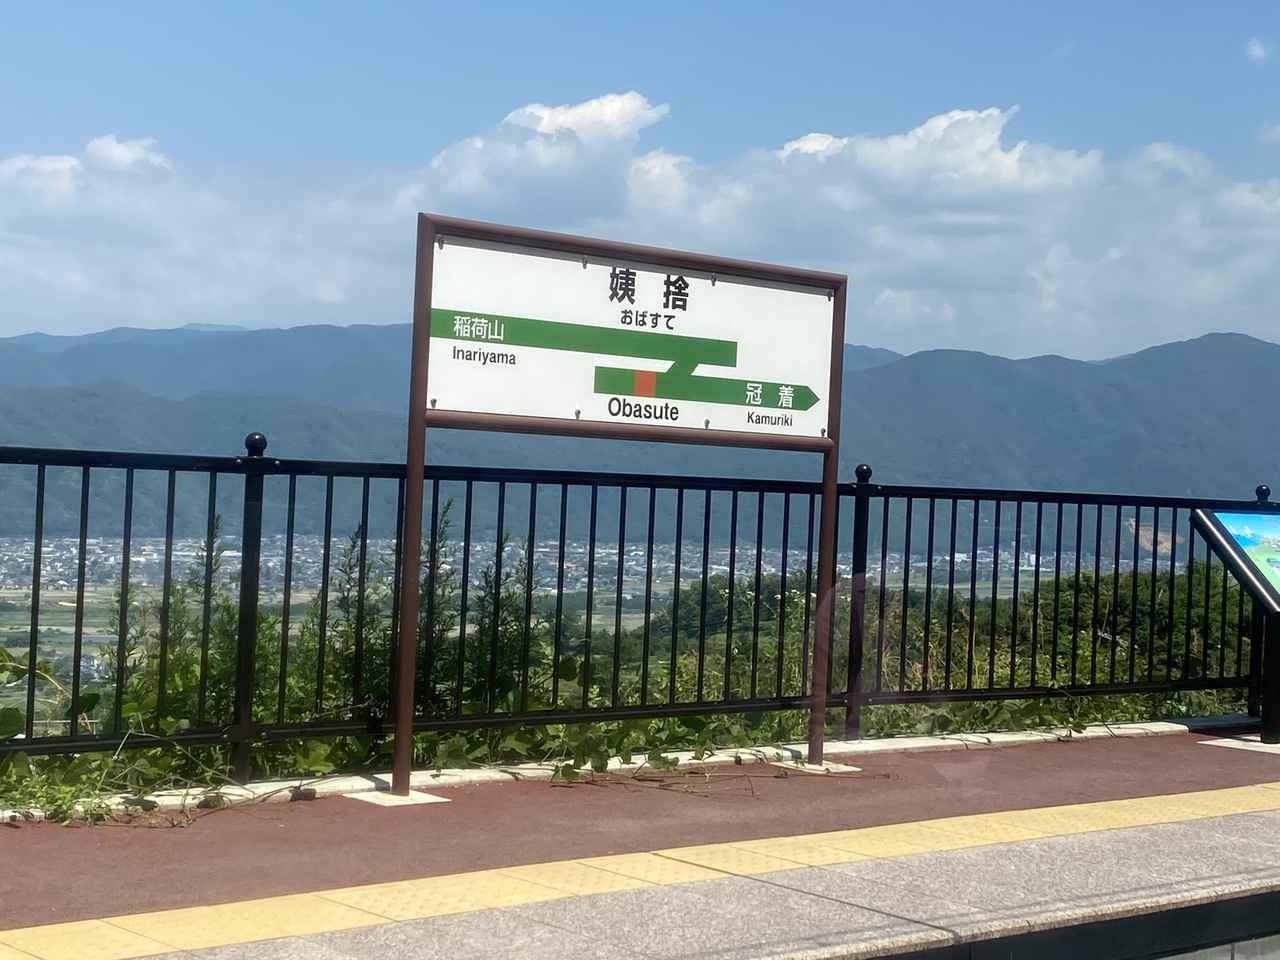 画像1: 茶臼山恐竜公園への道のりは一苦労